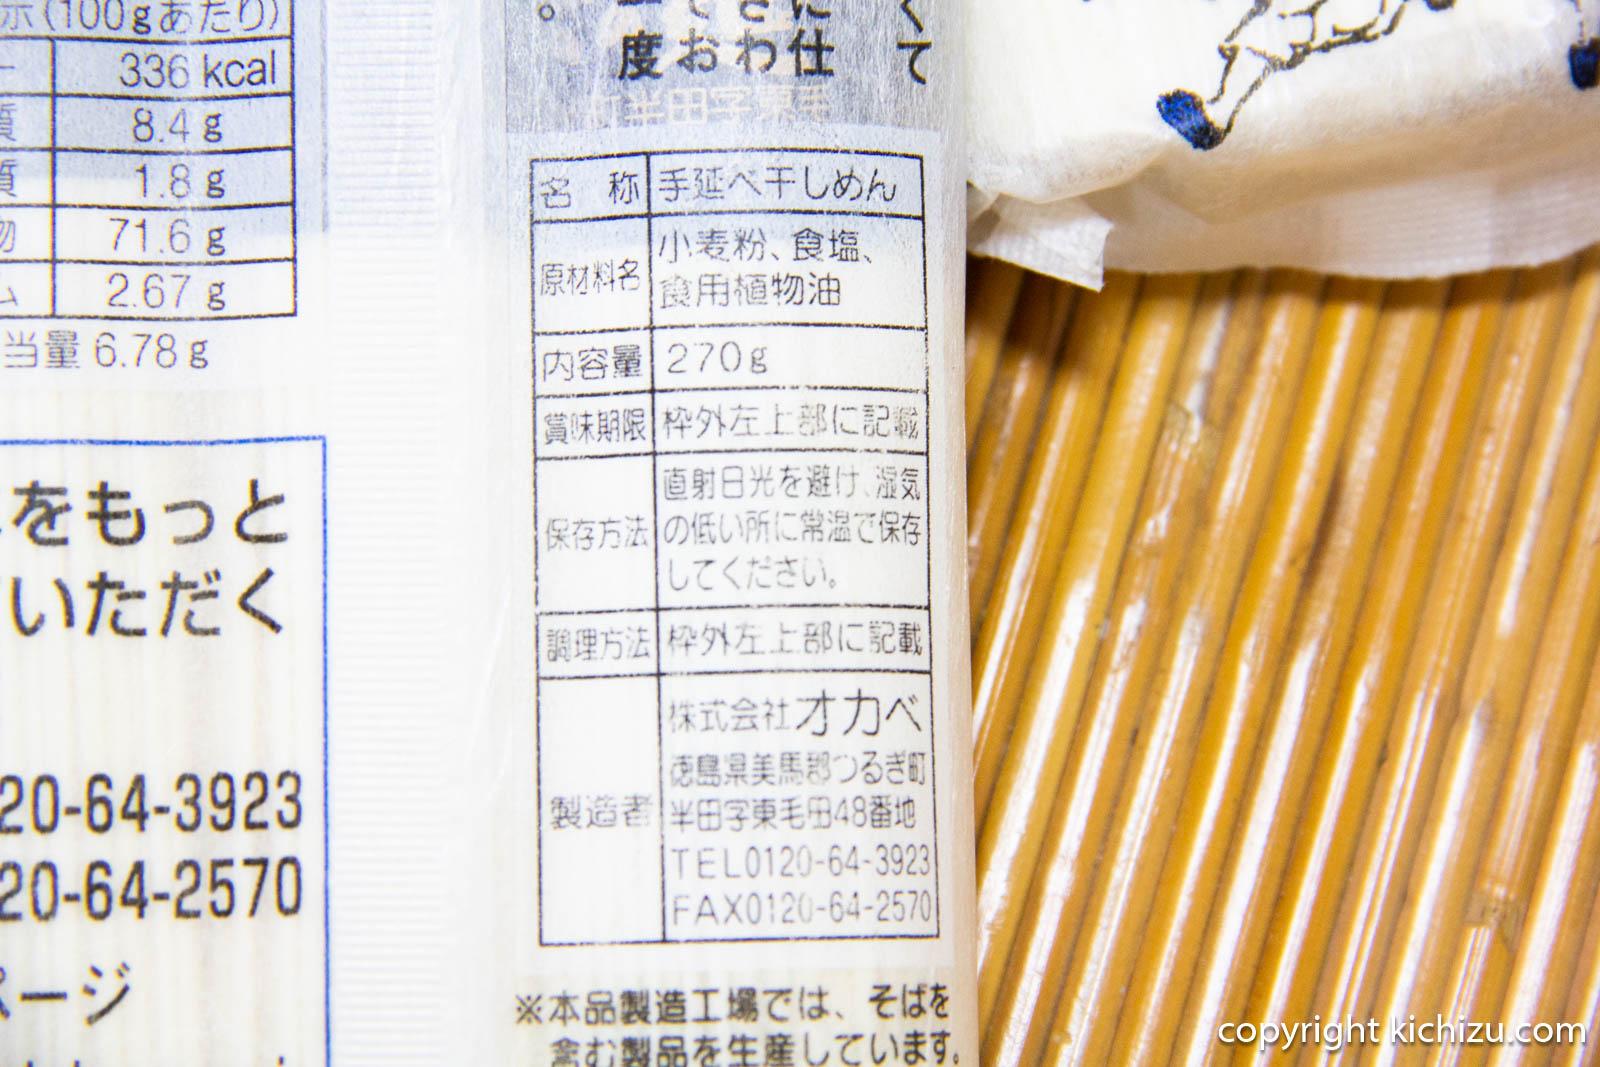 オカベの麺の詳細